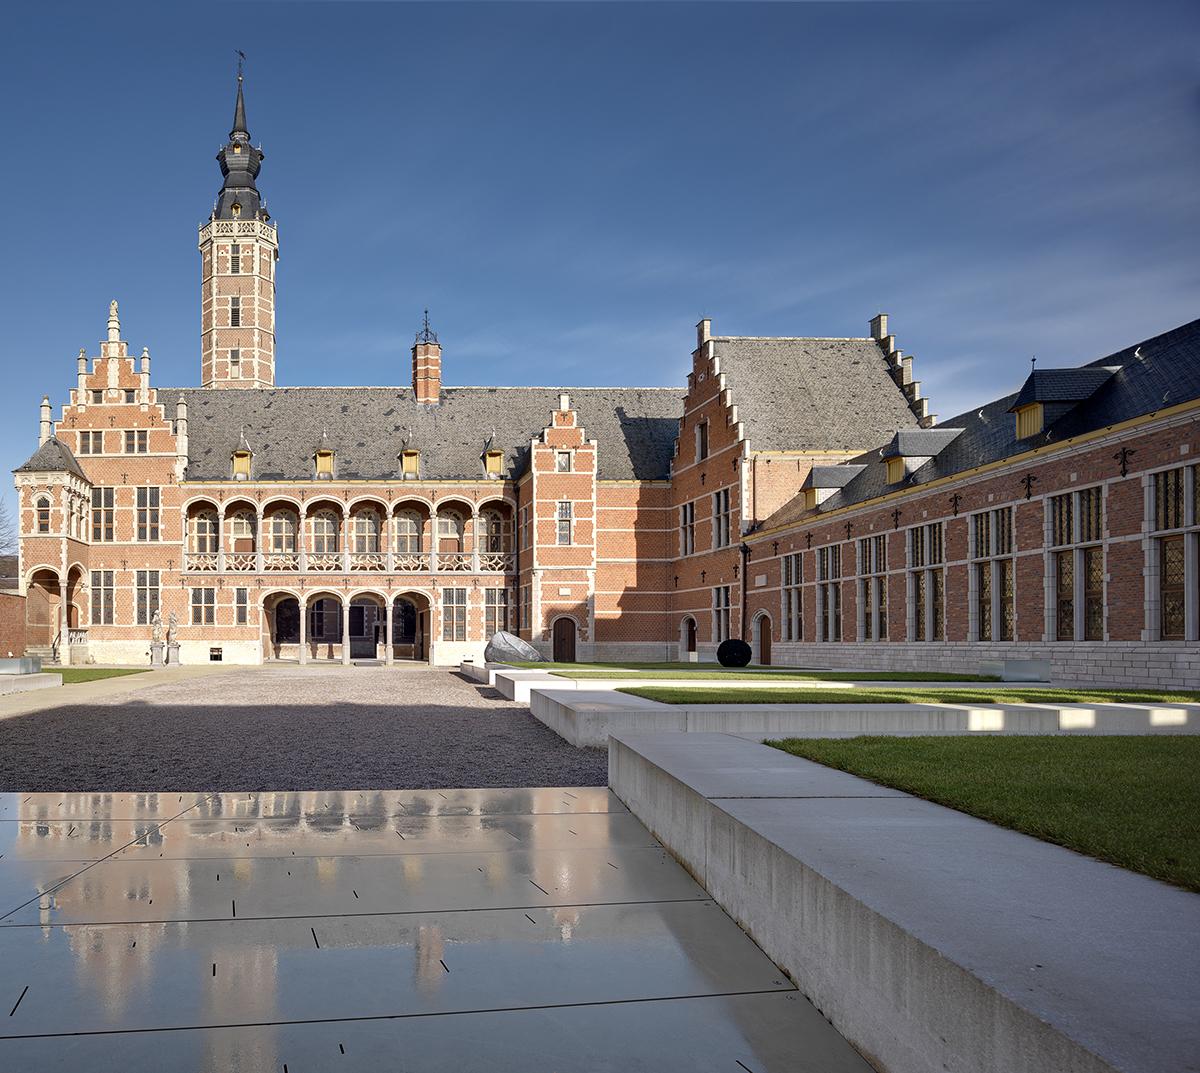 DMVA-Architecten-design-City-Museum-HVB-Belgian-Mechelen-Hof-van-Busleyden-14.jpg